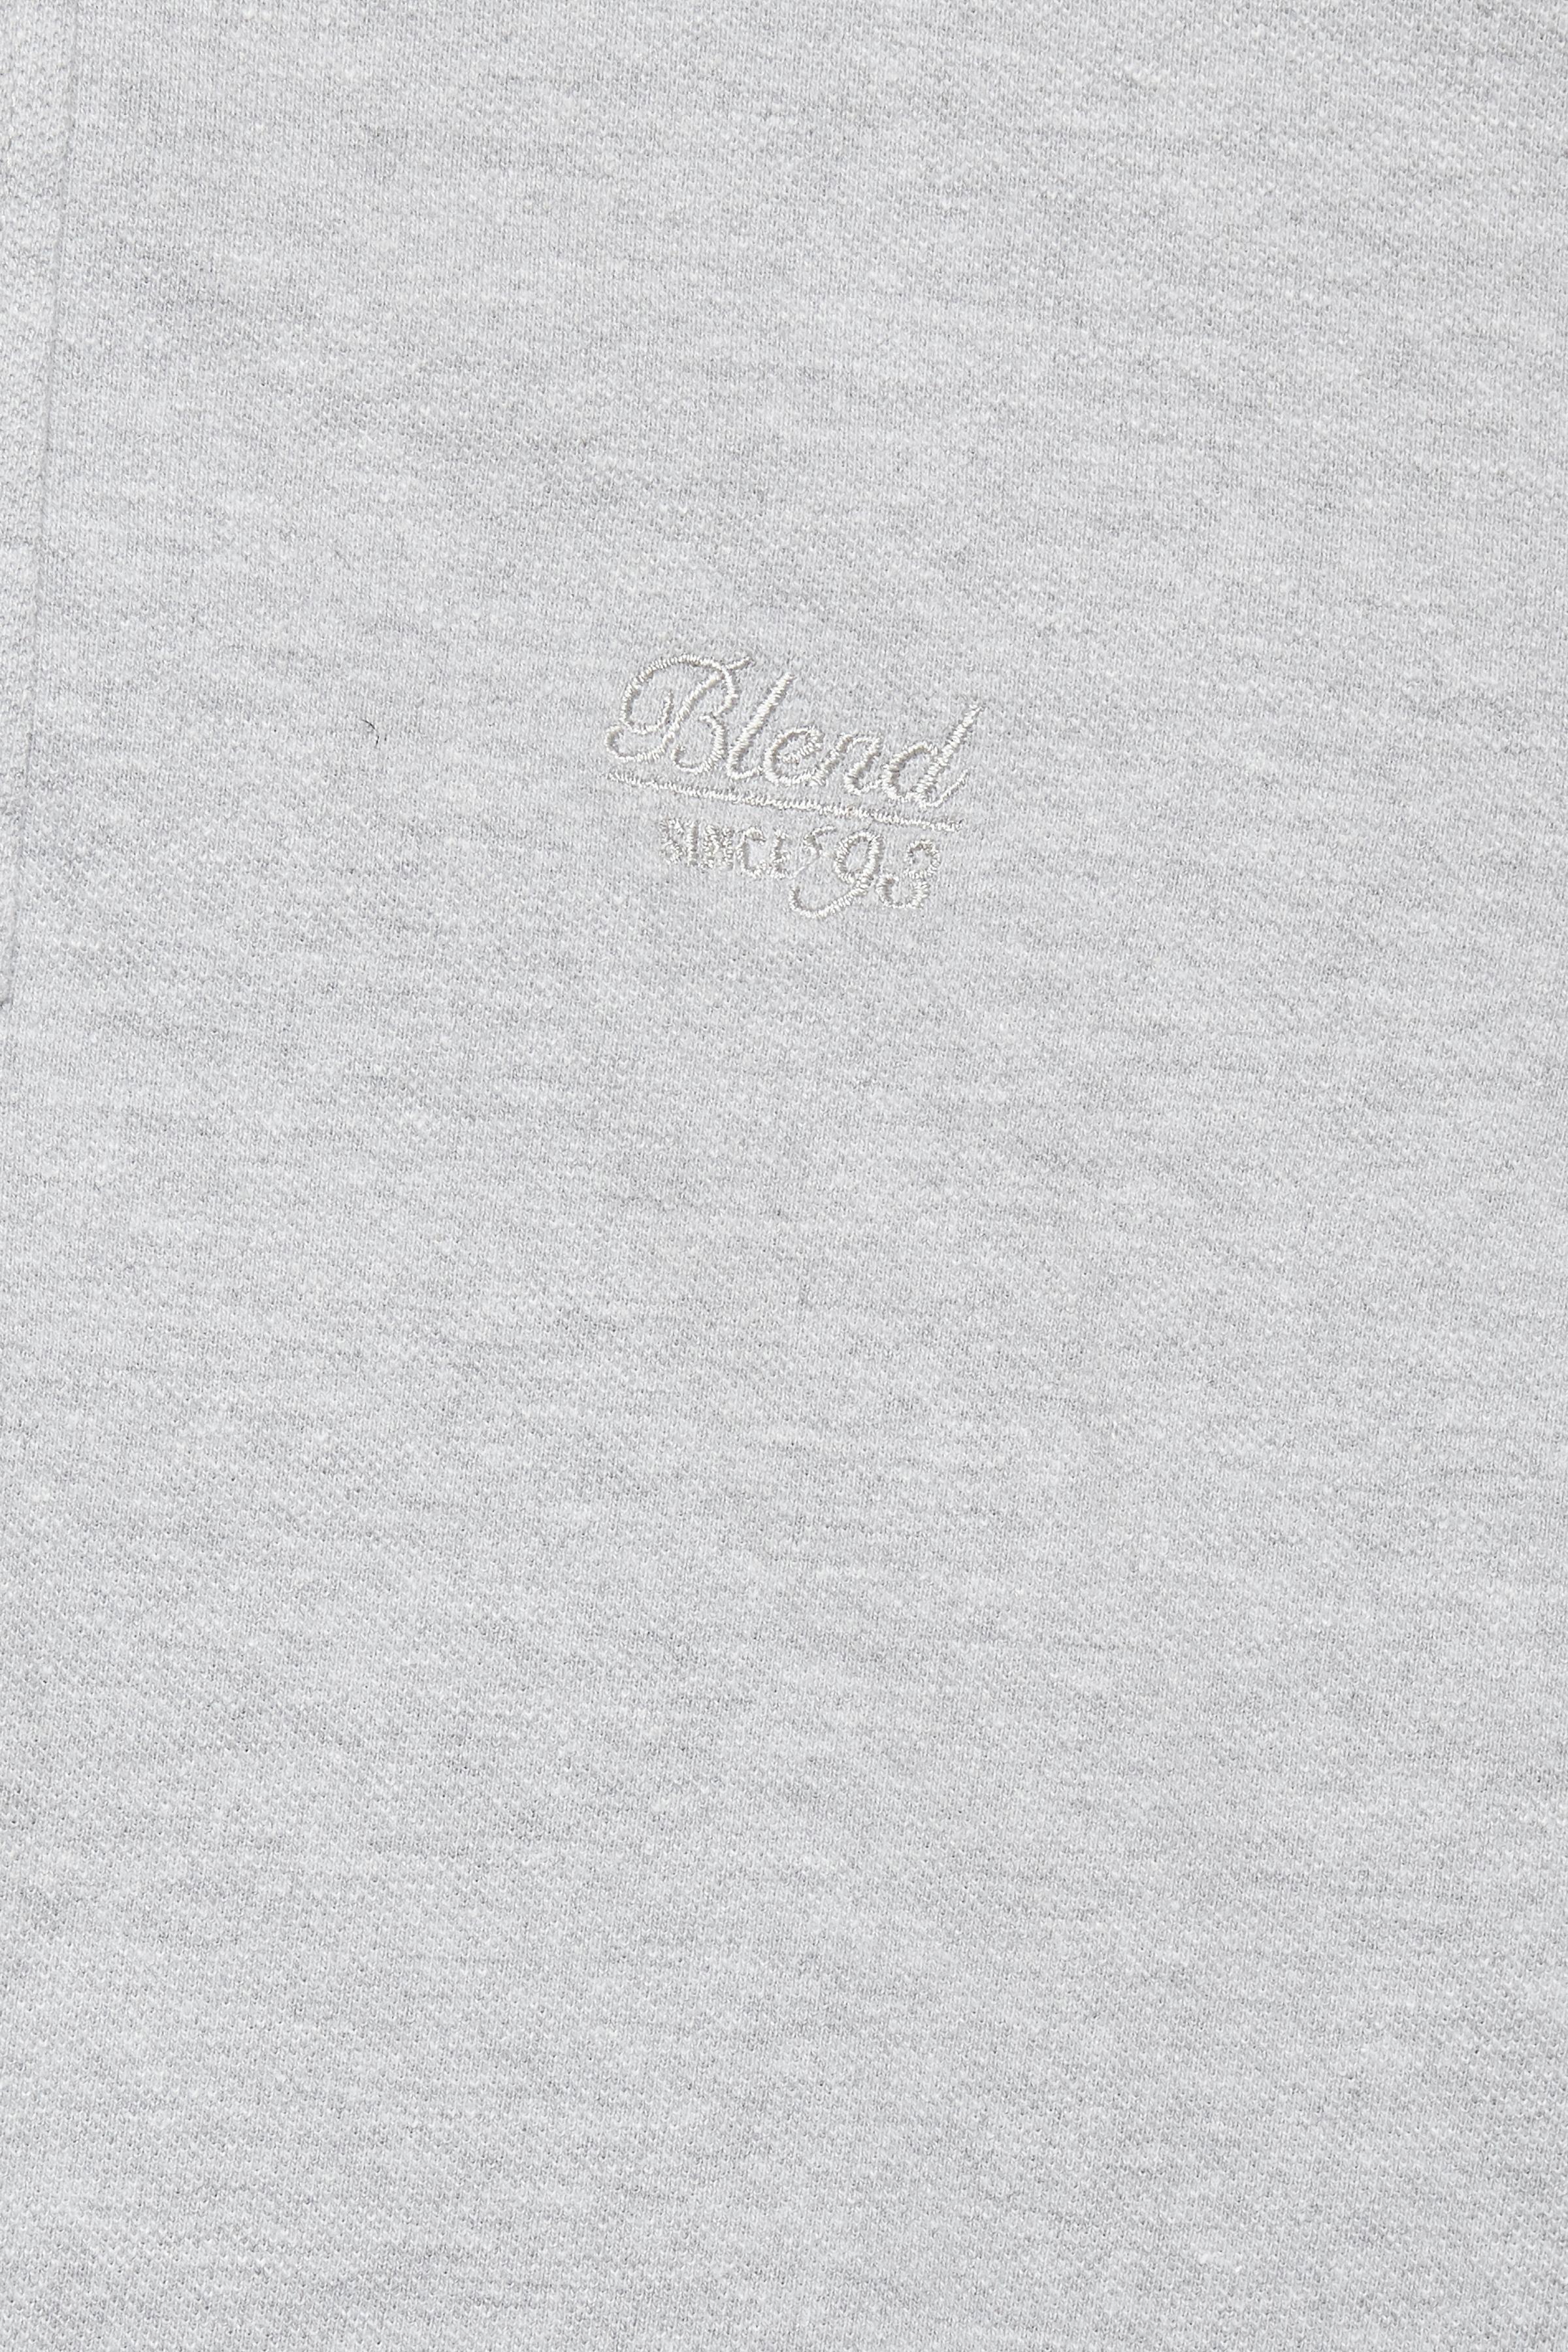 Stone mix Kortærmet T-shirt fra Blend He – Køb Stone mix Kortærmet T-shirt fra str. S-3XL her